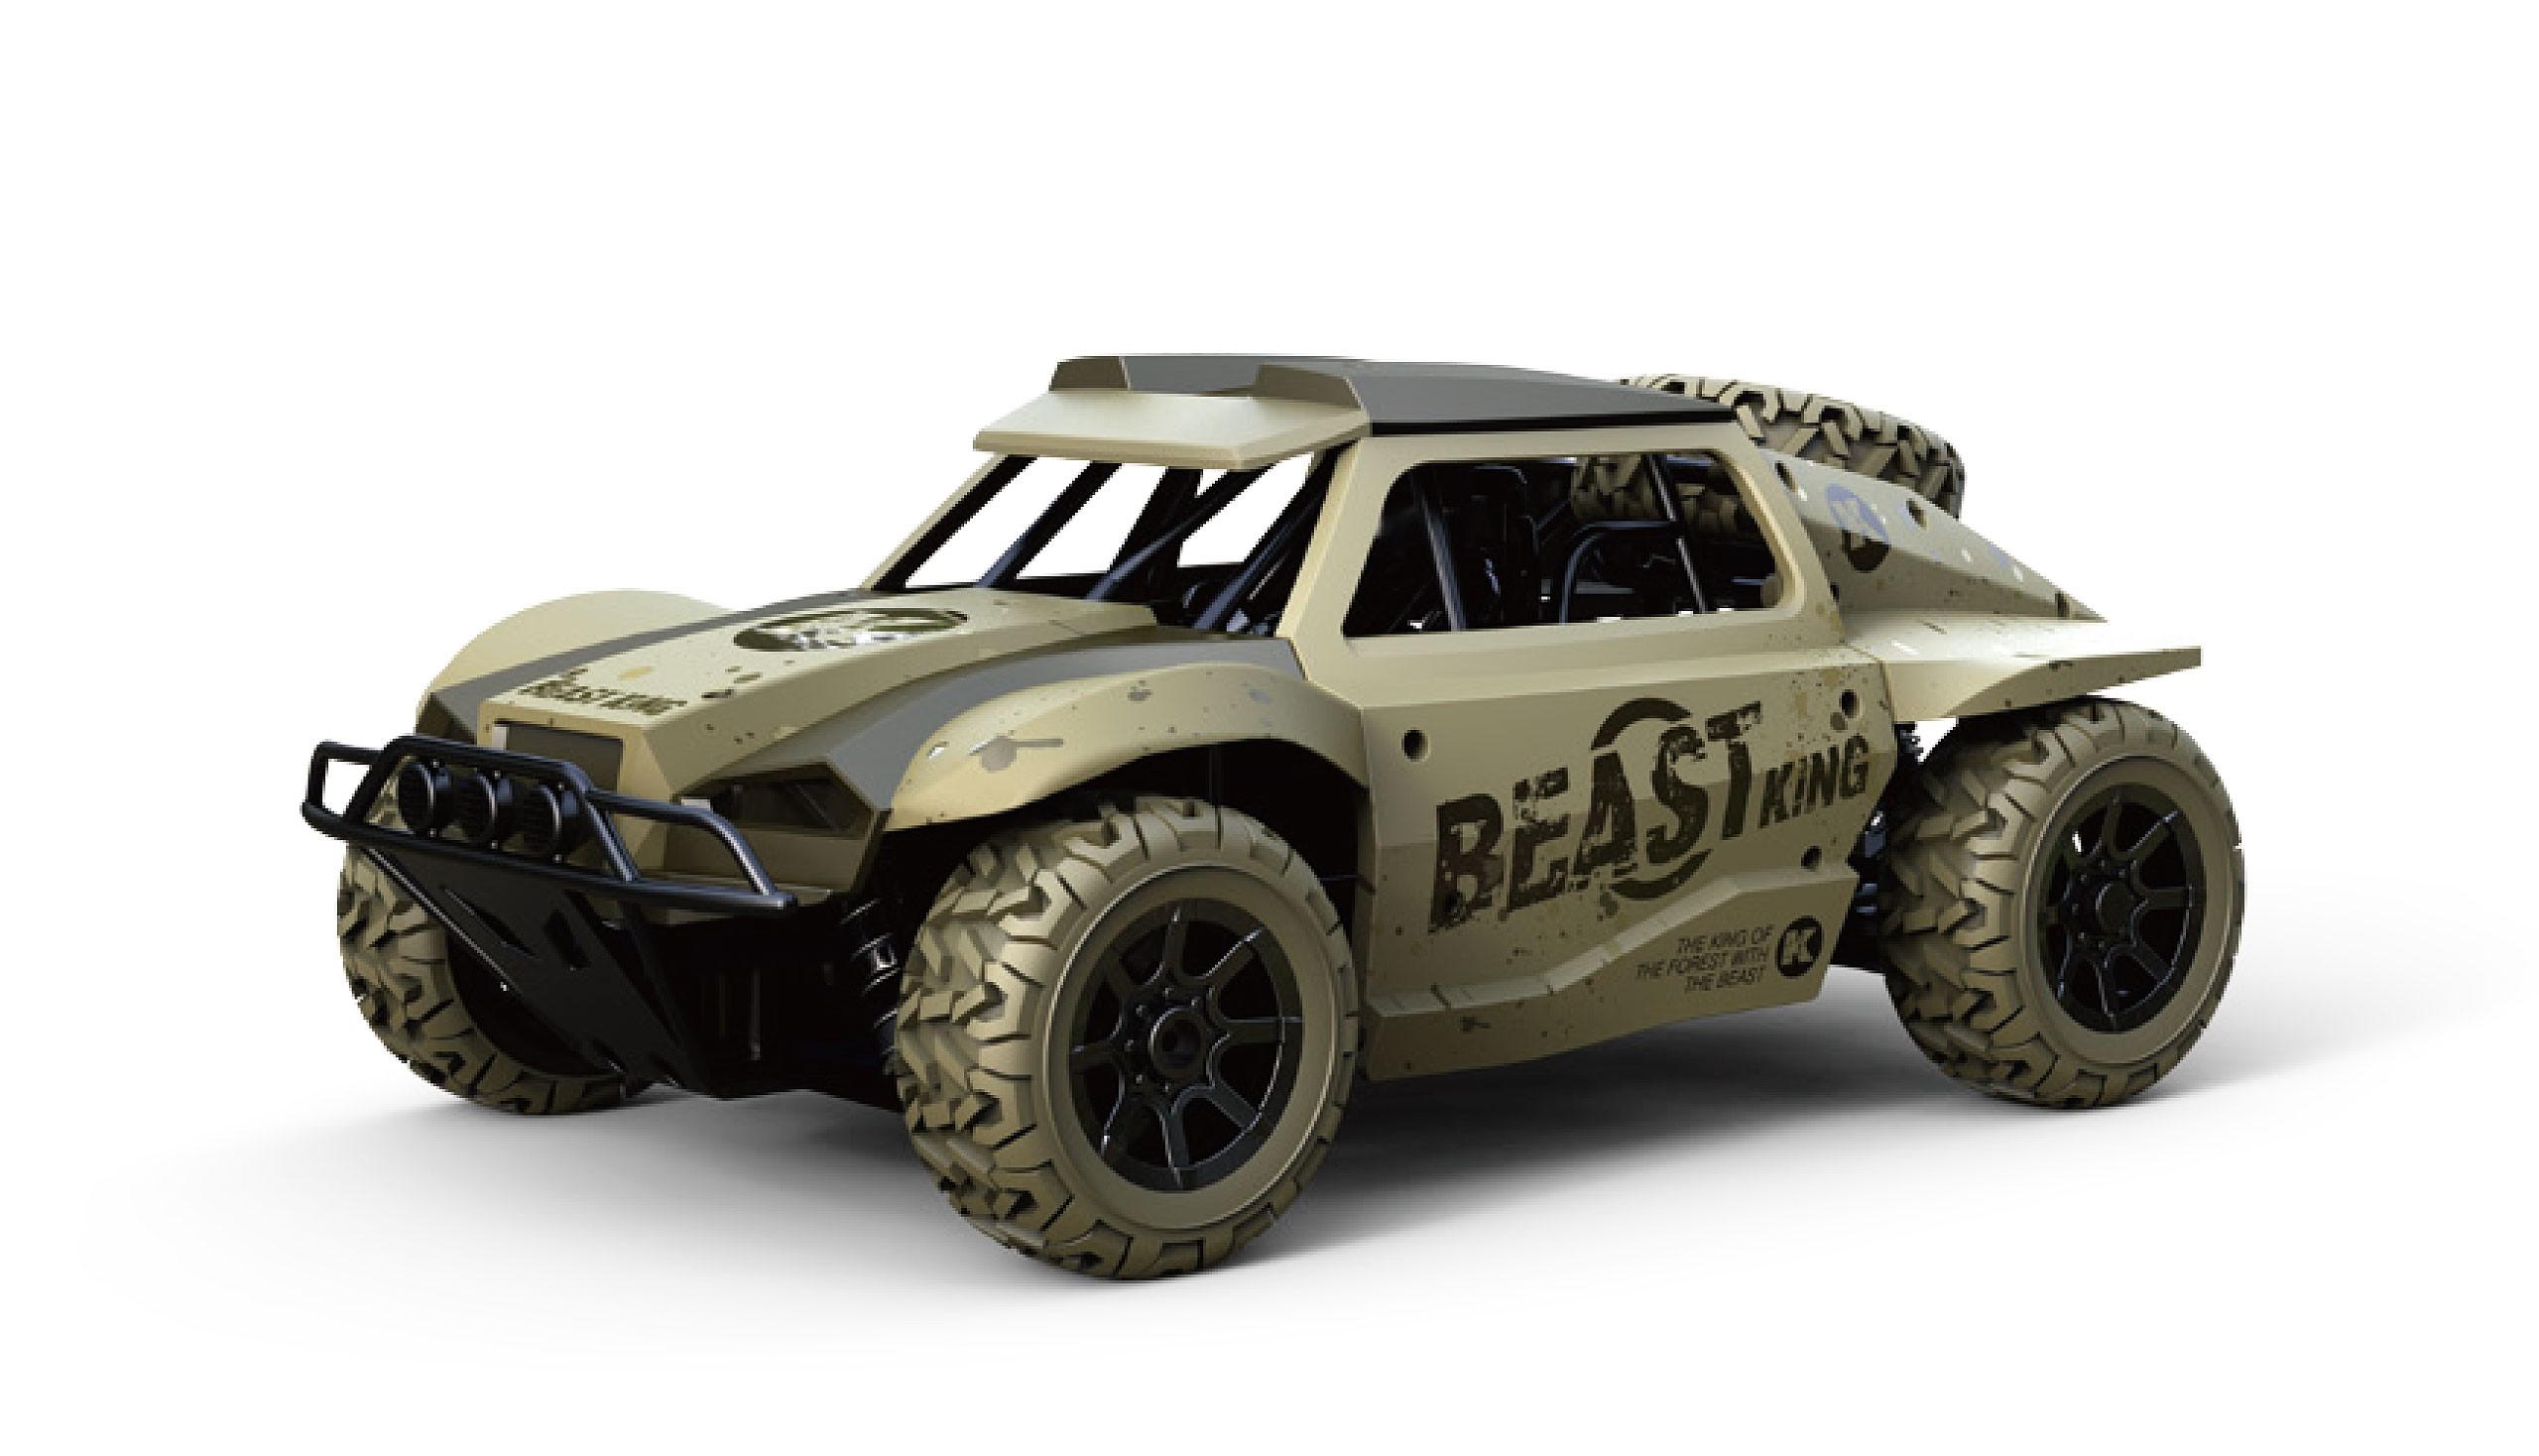 Amewi 22332 - Buggy - Elektromotor - 1:18 - Betriebsbereit (RTR) - Sand - Allradantrieb